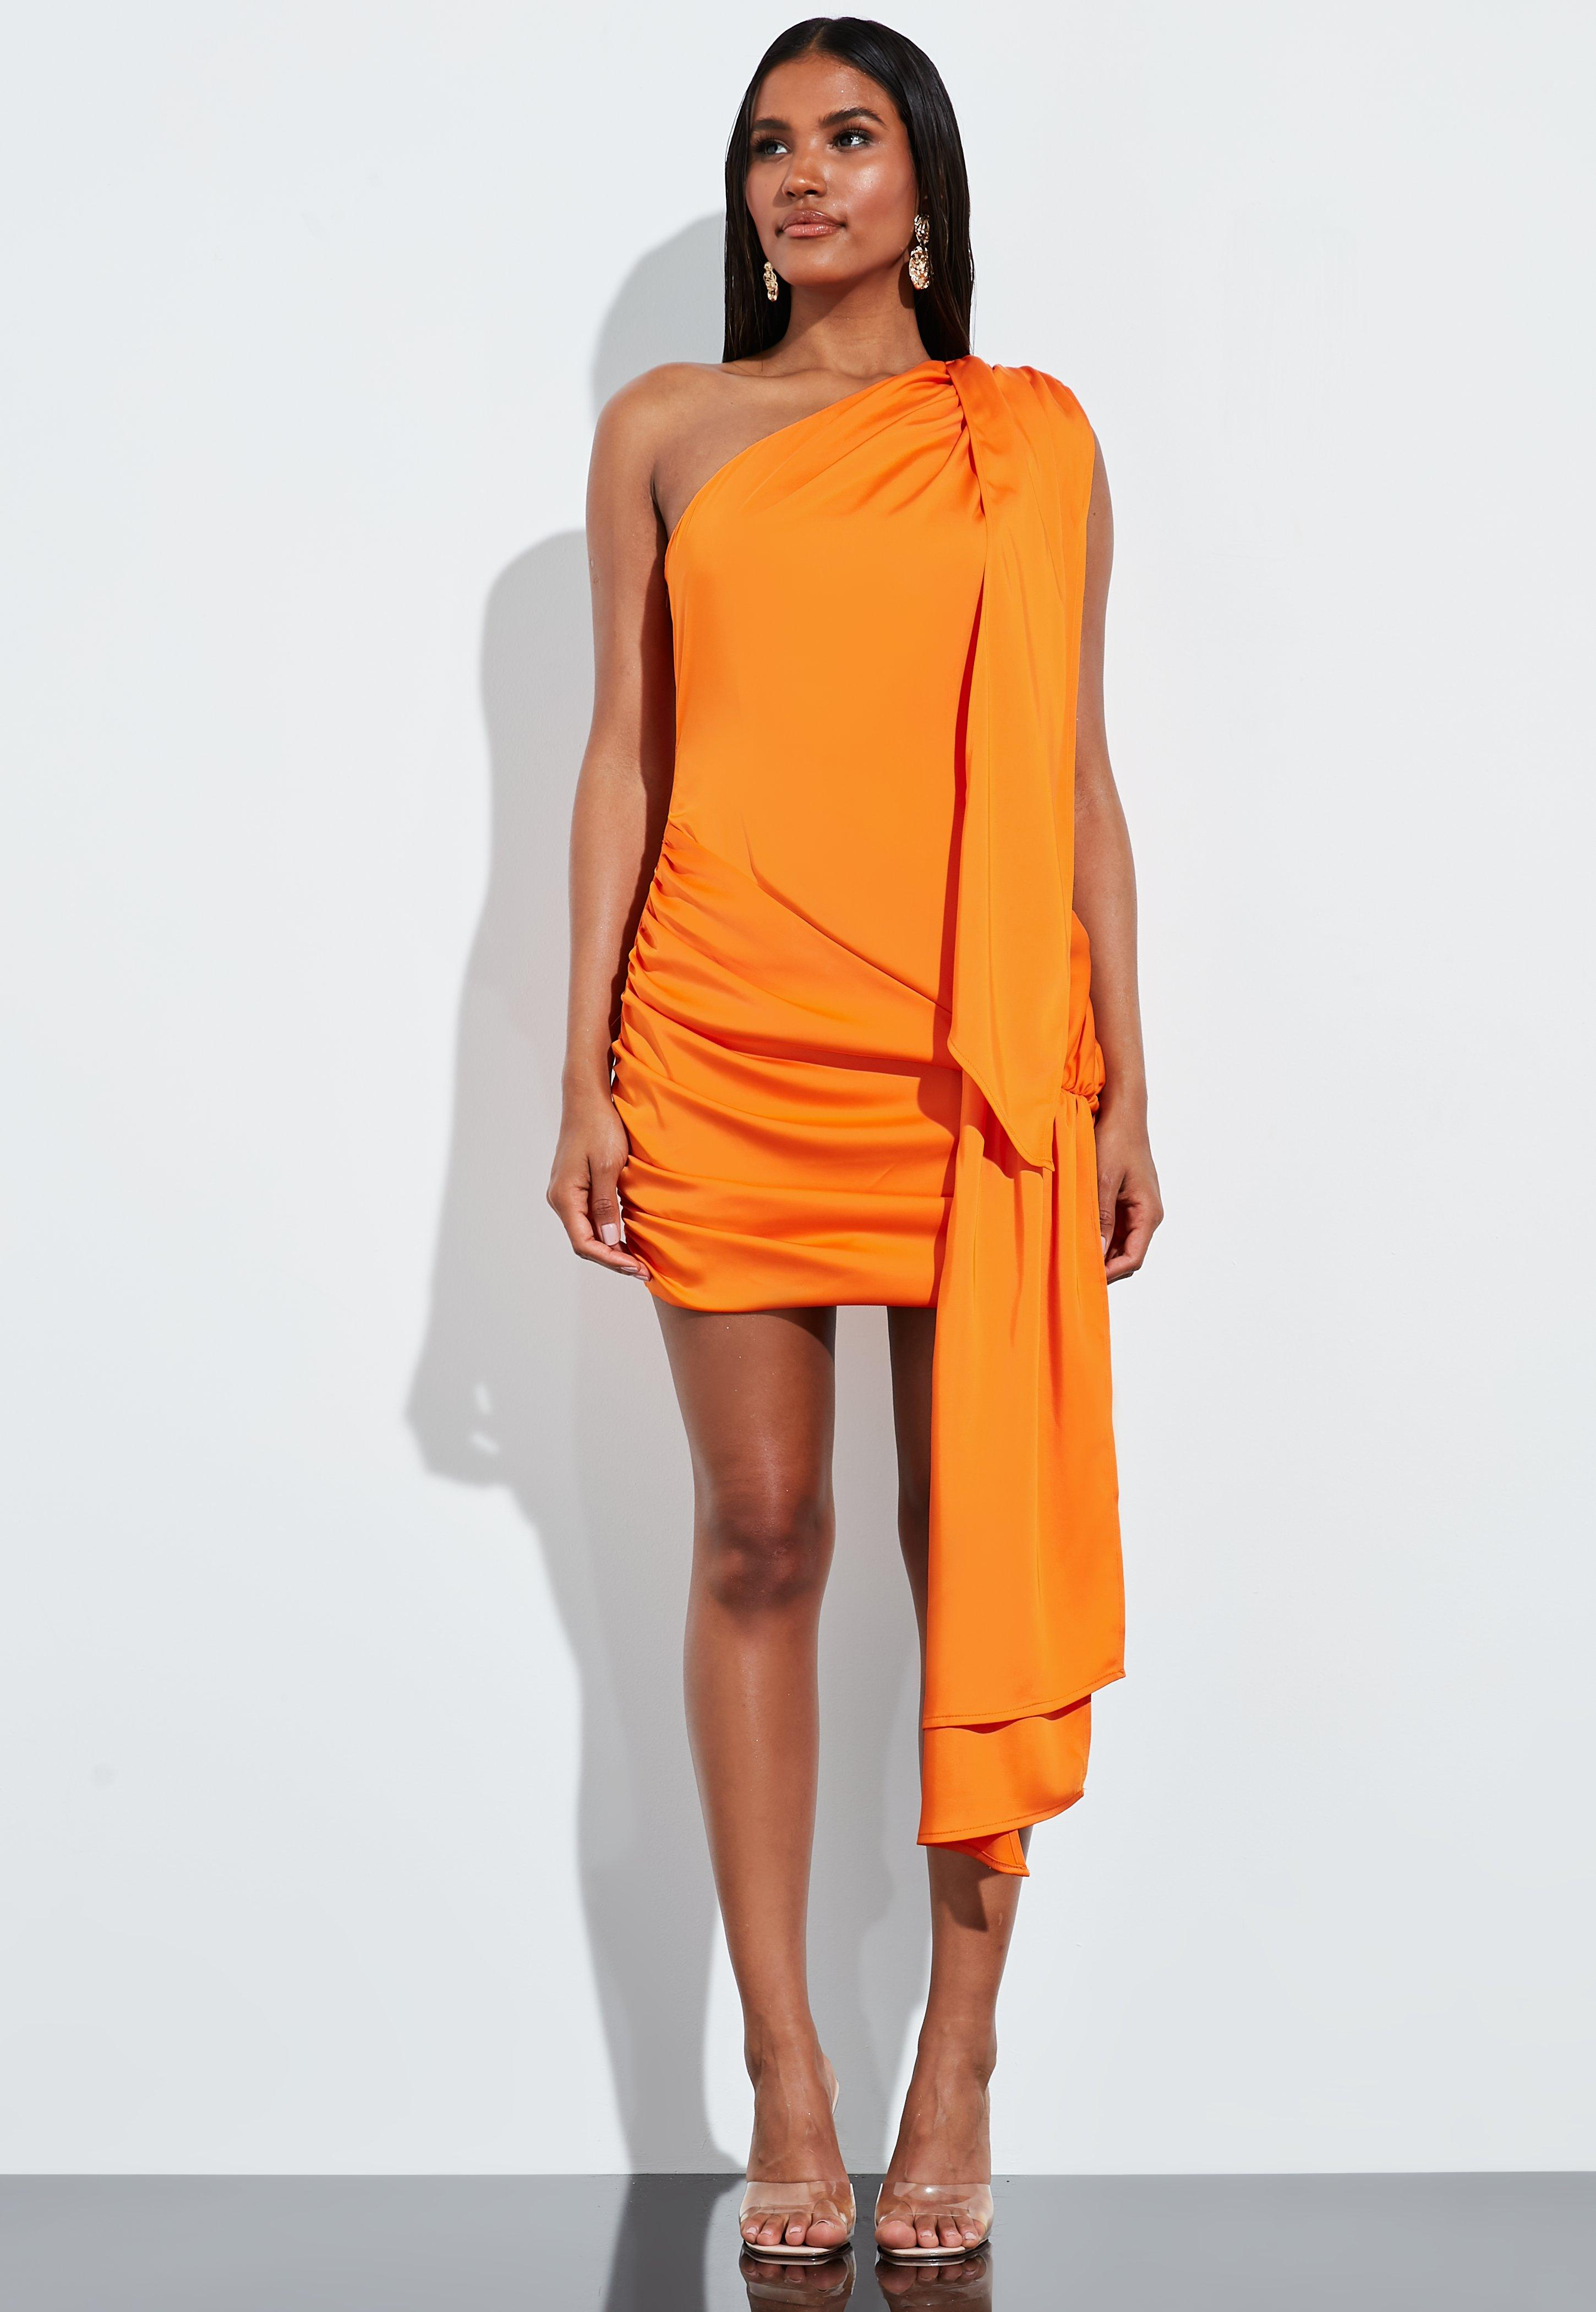 En Drapeado Corto PeaceLove Asimétrico Vestido Satén Naranja De MpGVUqzLS